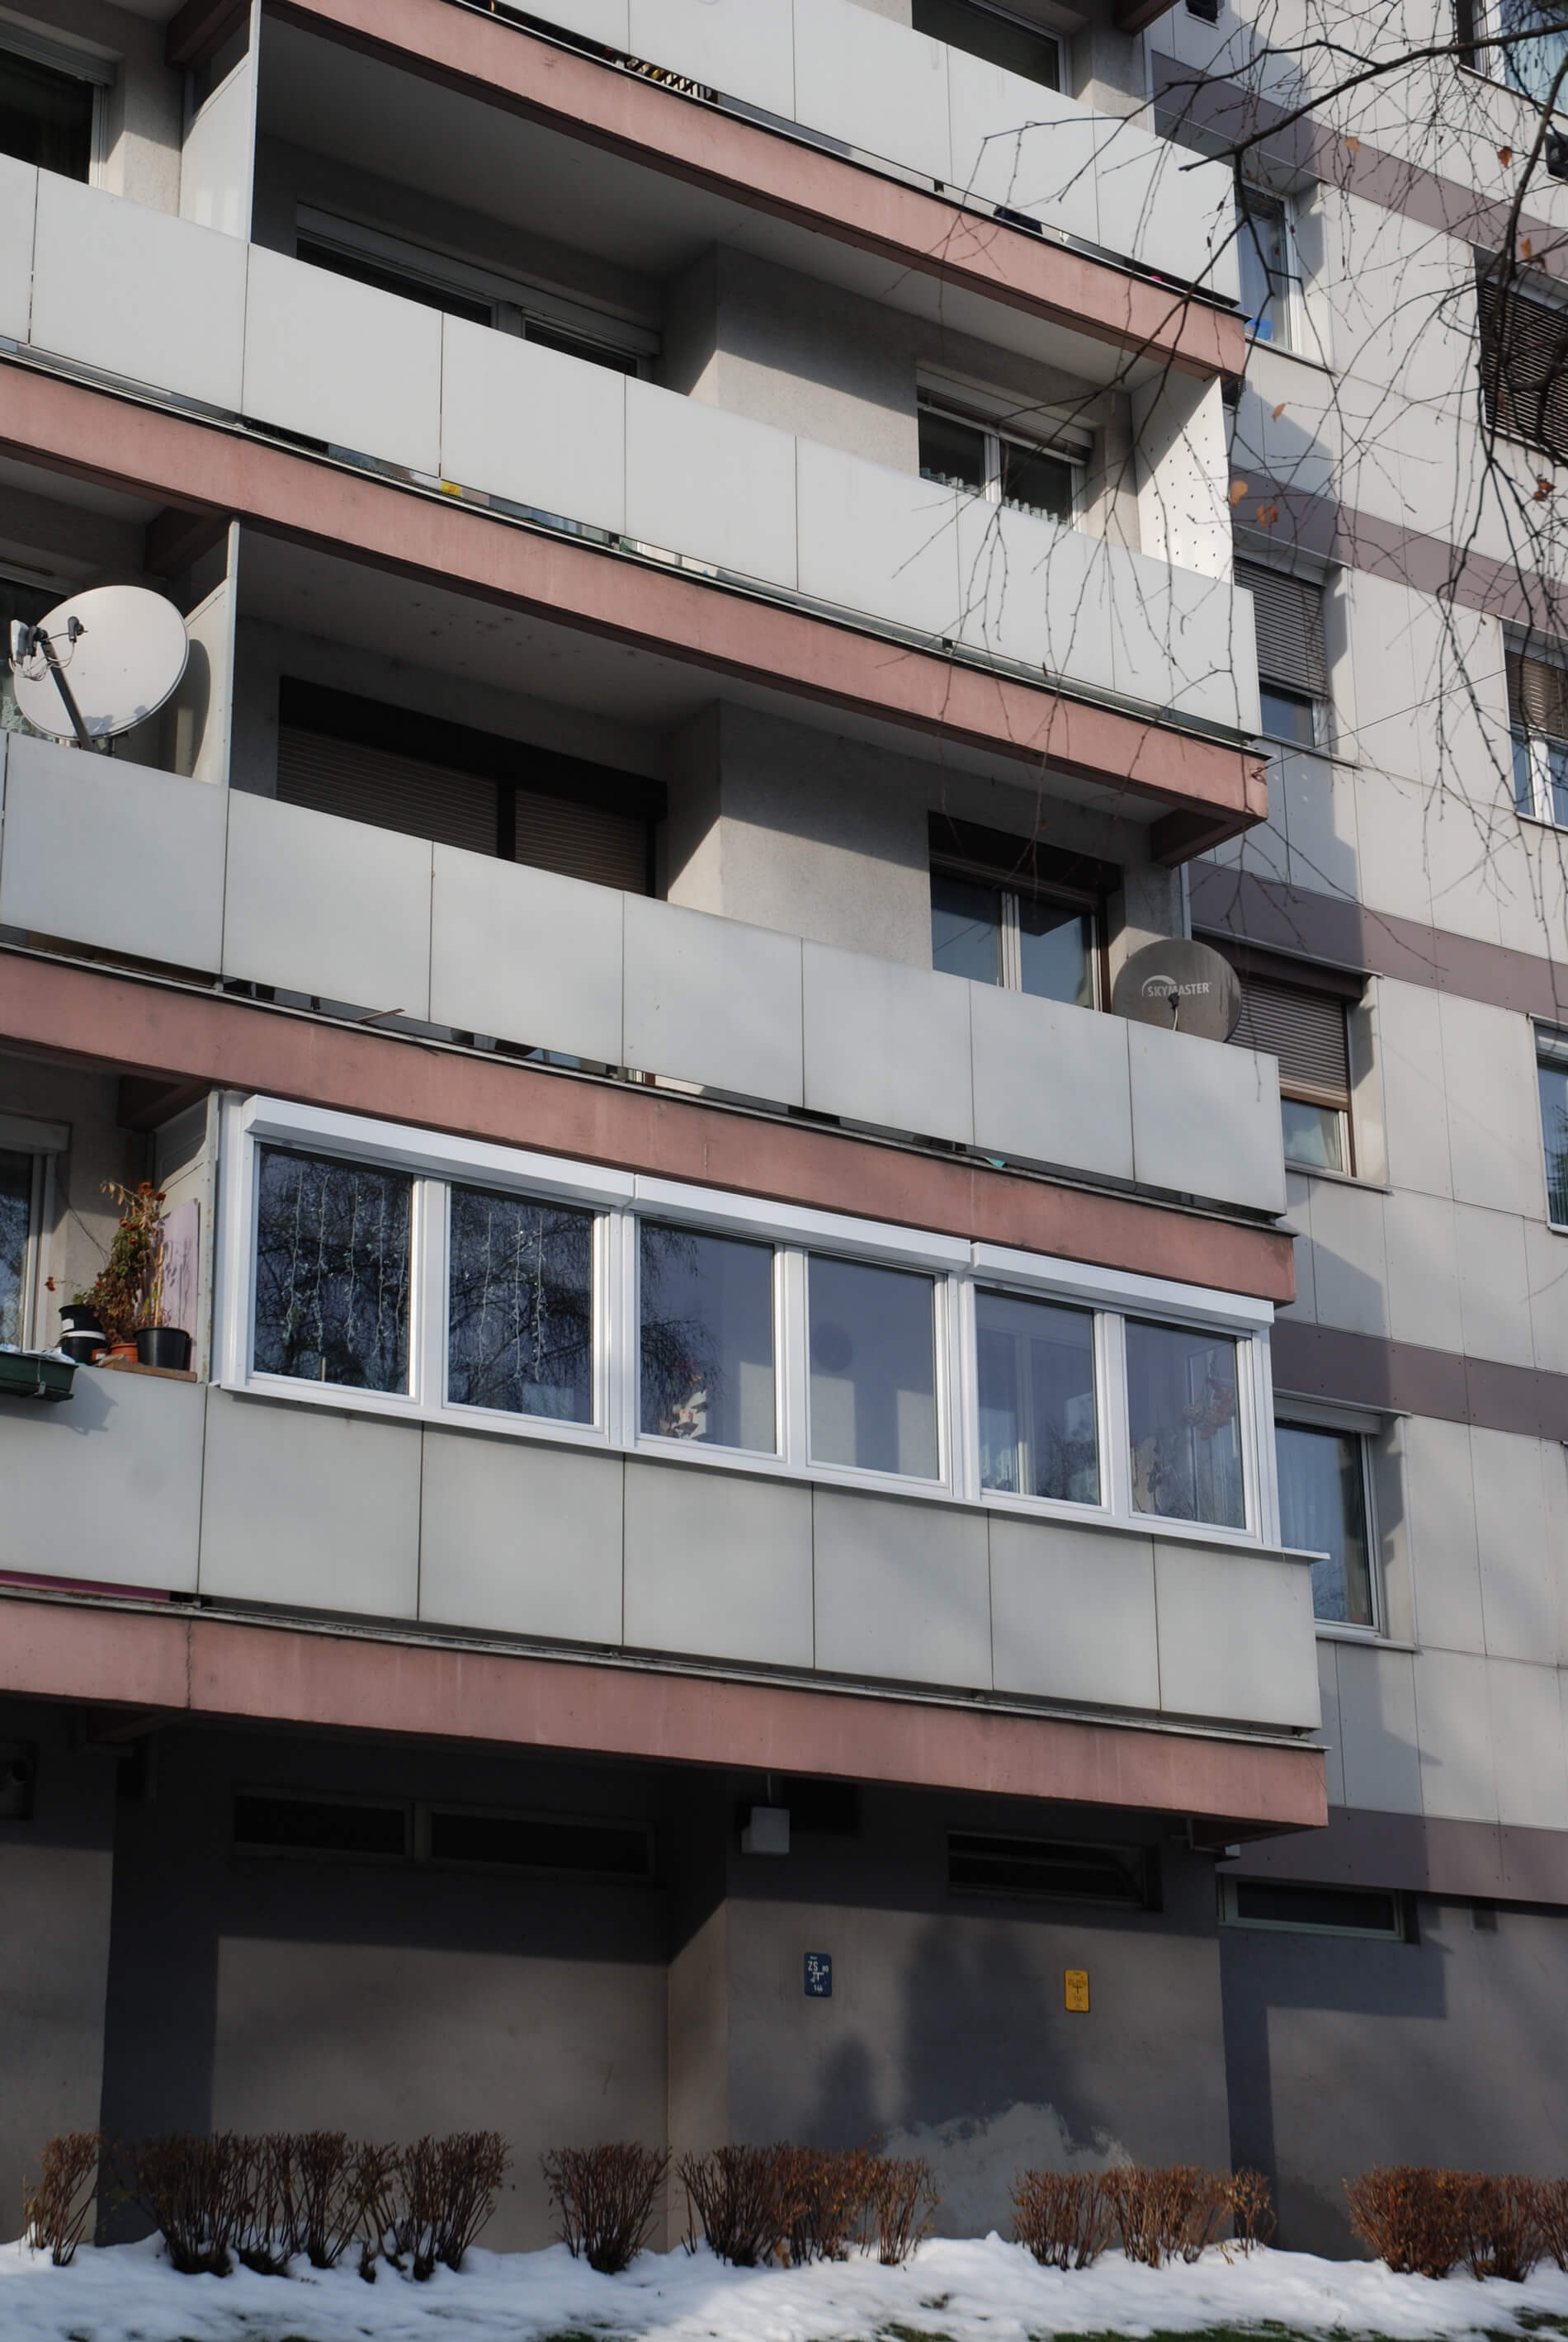 Balkonverglasung für Mehrparteienhaus